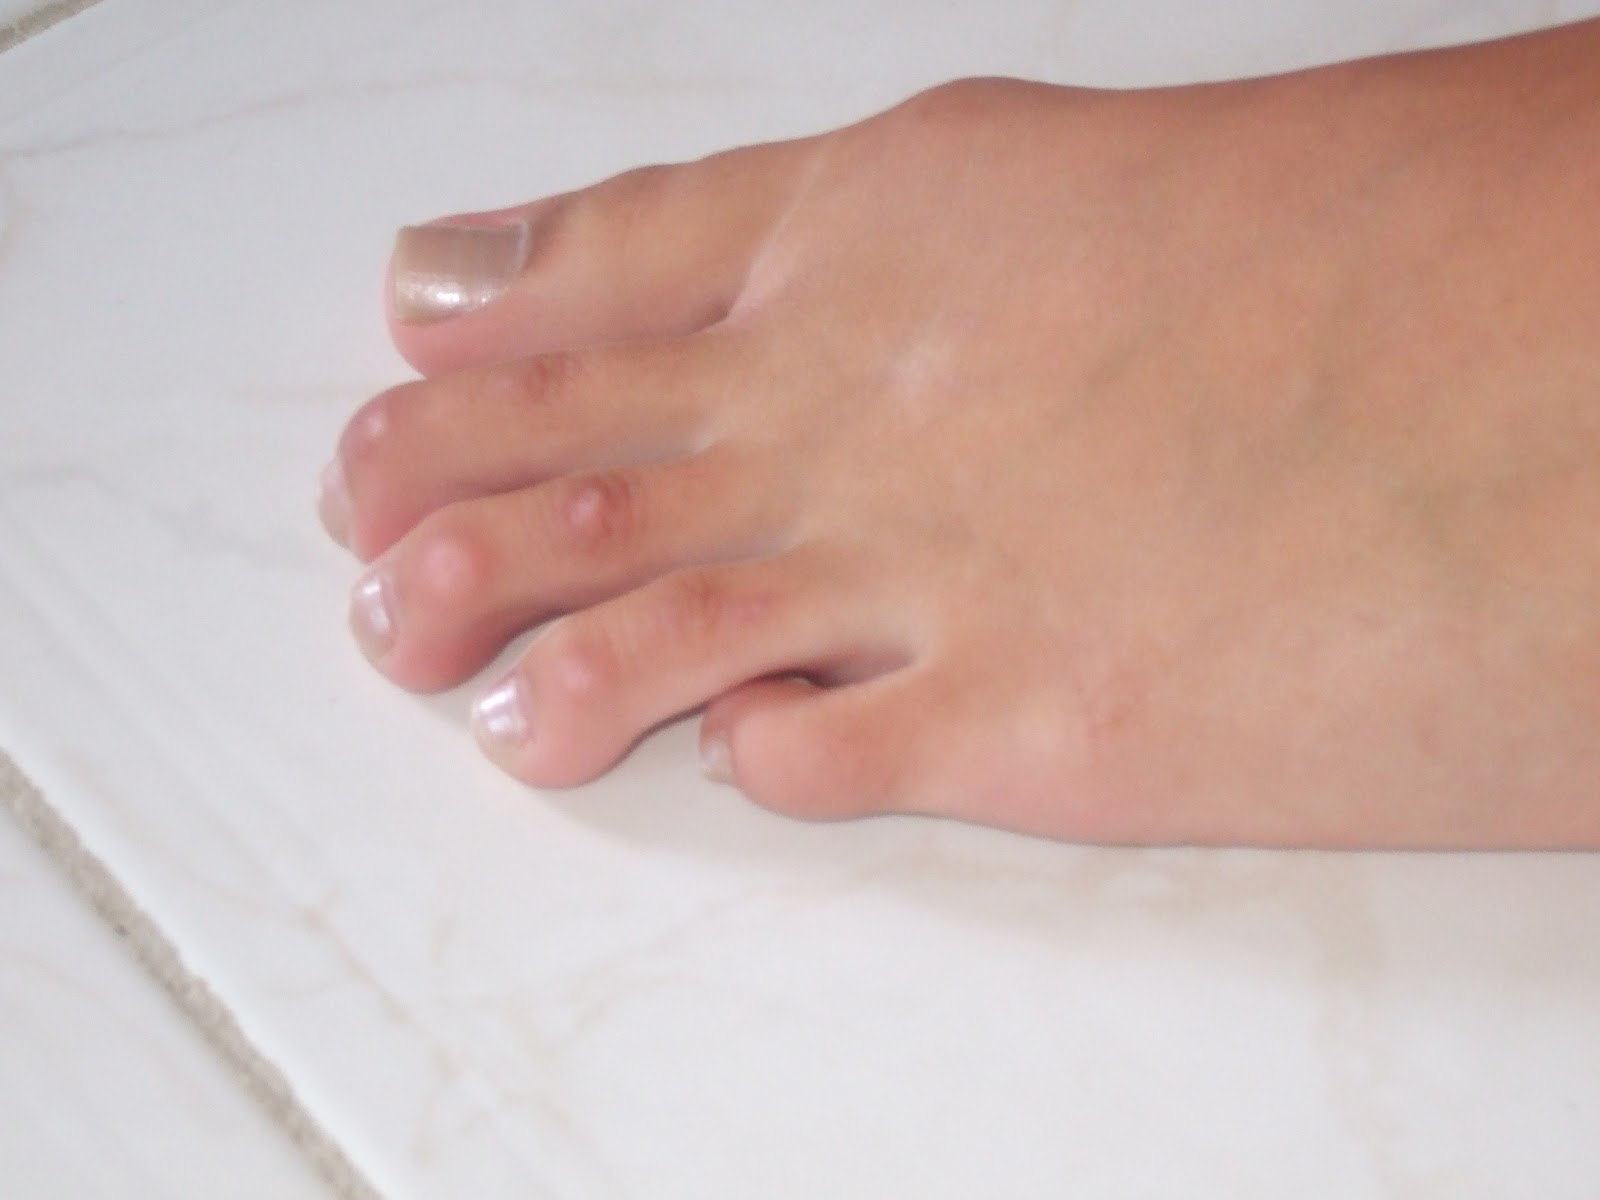 Hammer Toe